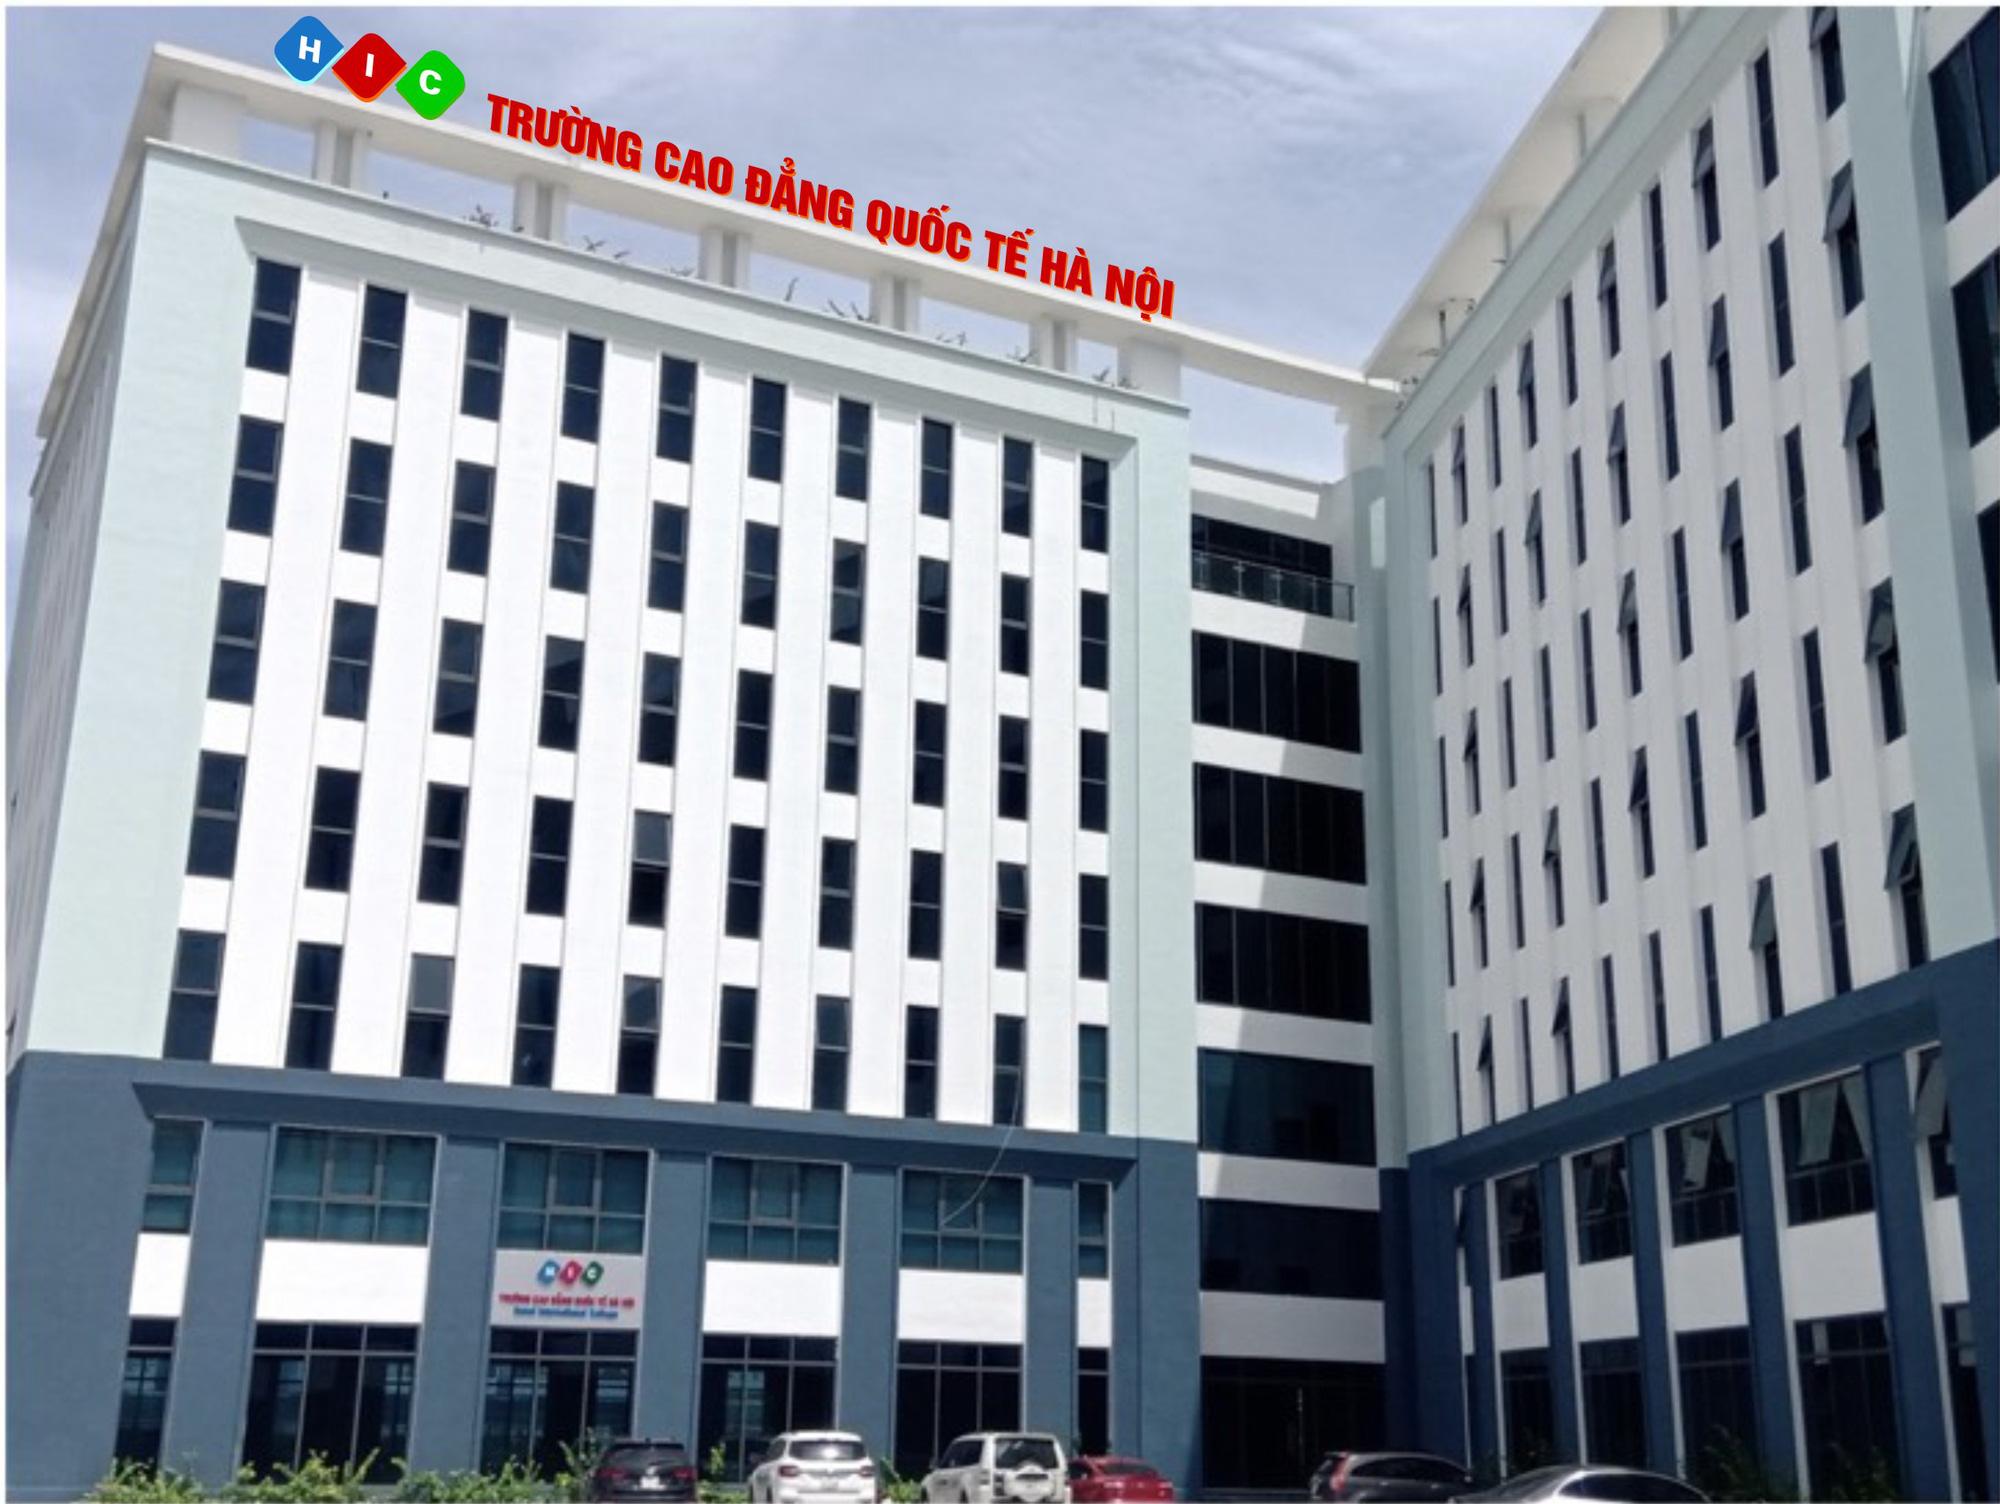 Trường Cao đẳng Quốc tế Hà Nội dành gói học bổng đặc biệt cho du học sinh bị ảnh hưởng bởi Covid-19 - Ảnh 1.